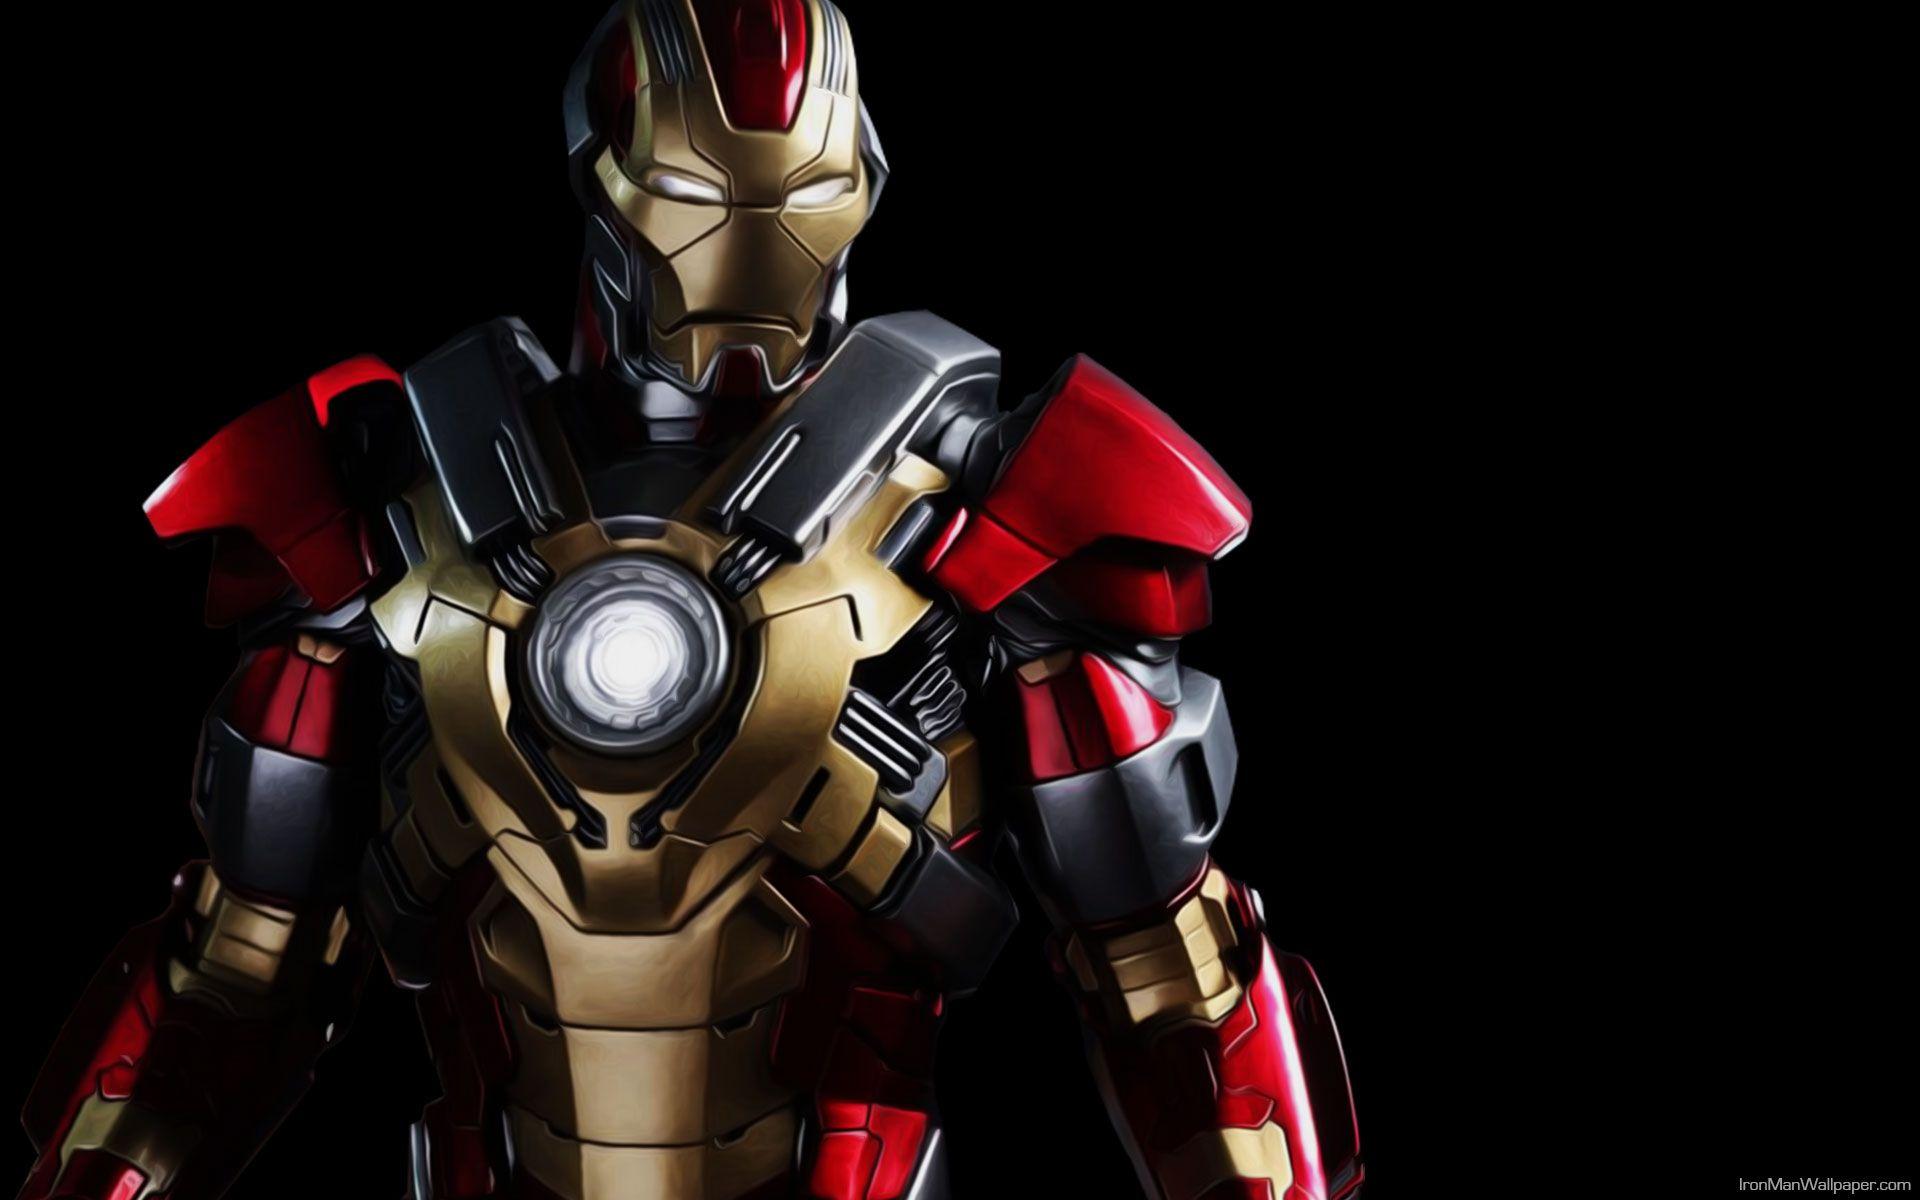 Google chrome theme iron man - Iron Man Wallpaper 4 Magnyus Theme Wallpaper Magnyus Theme